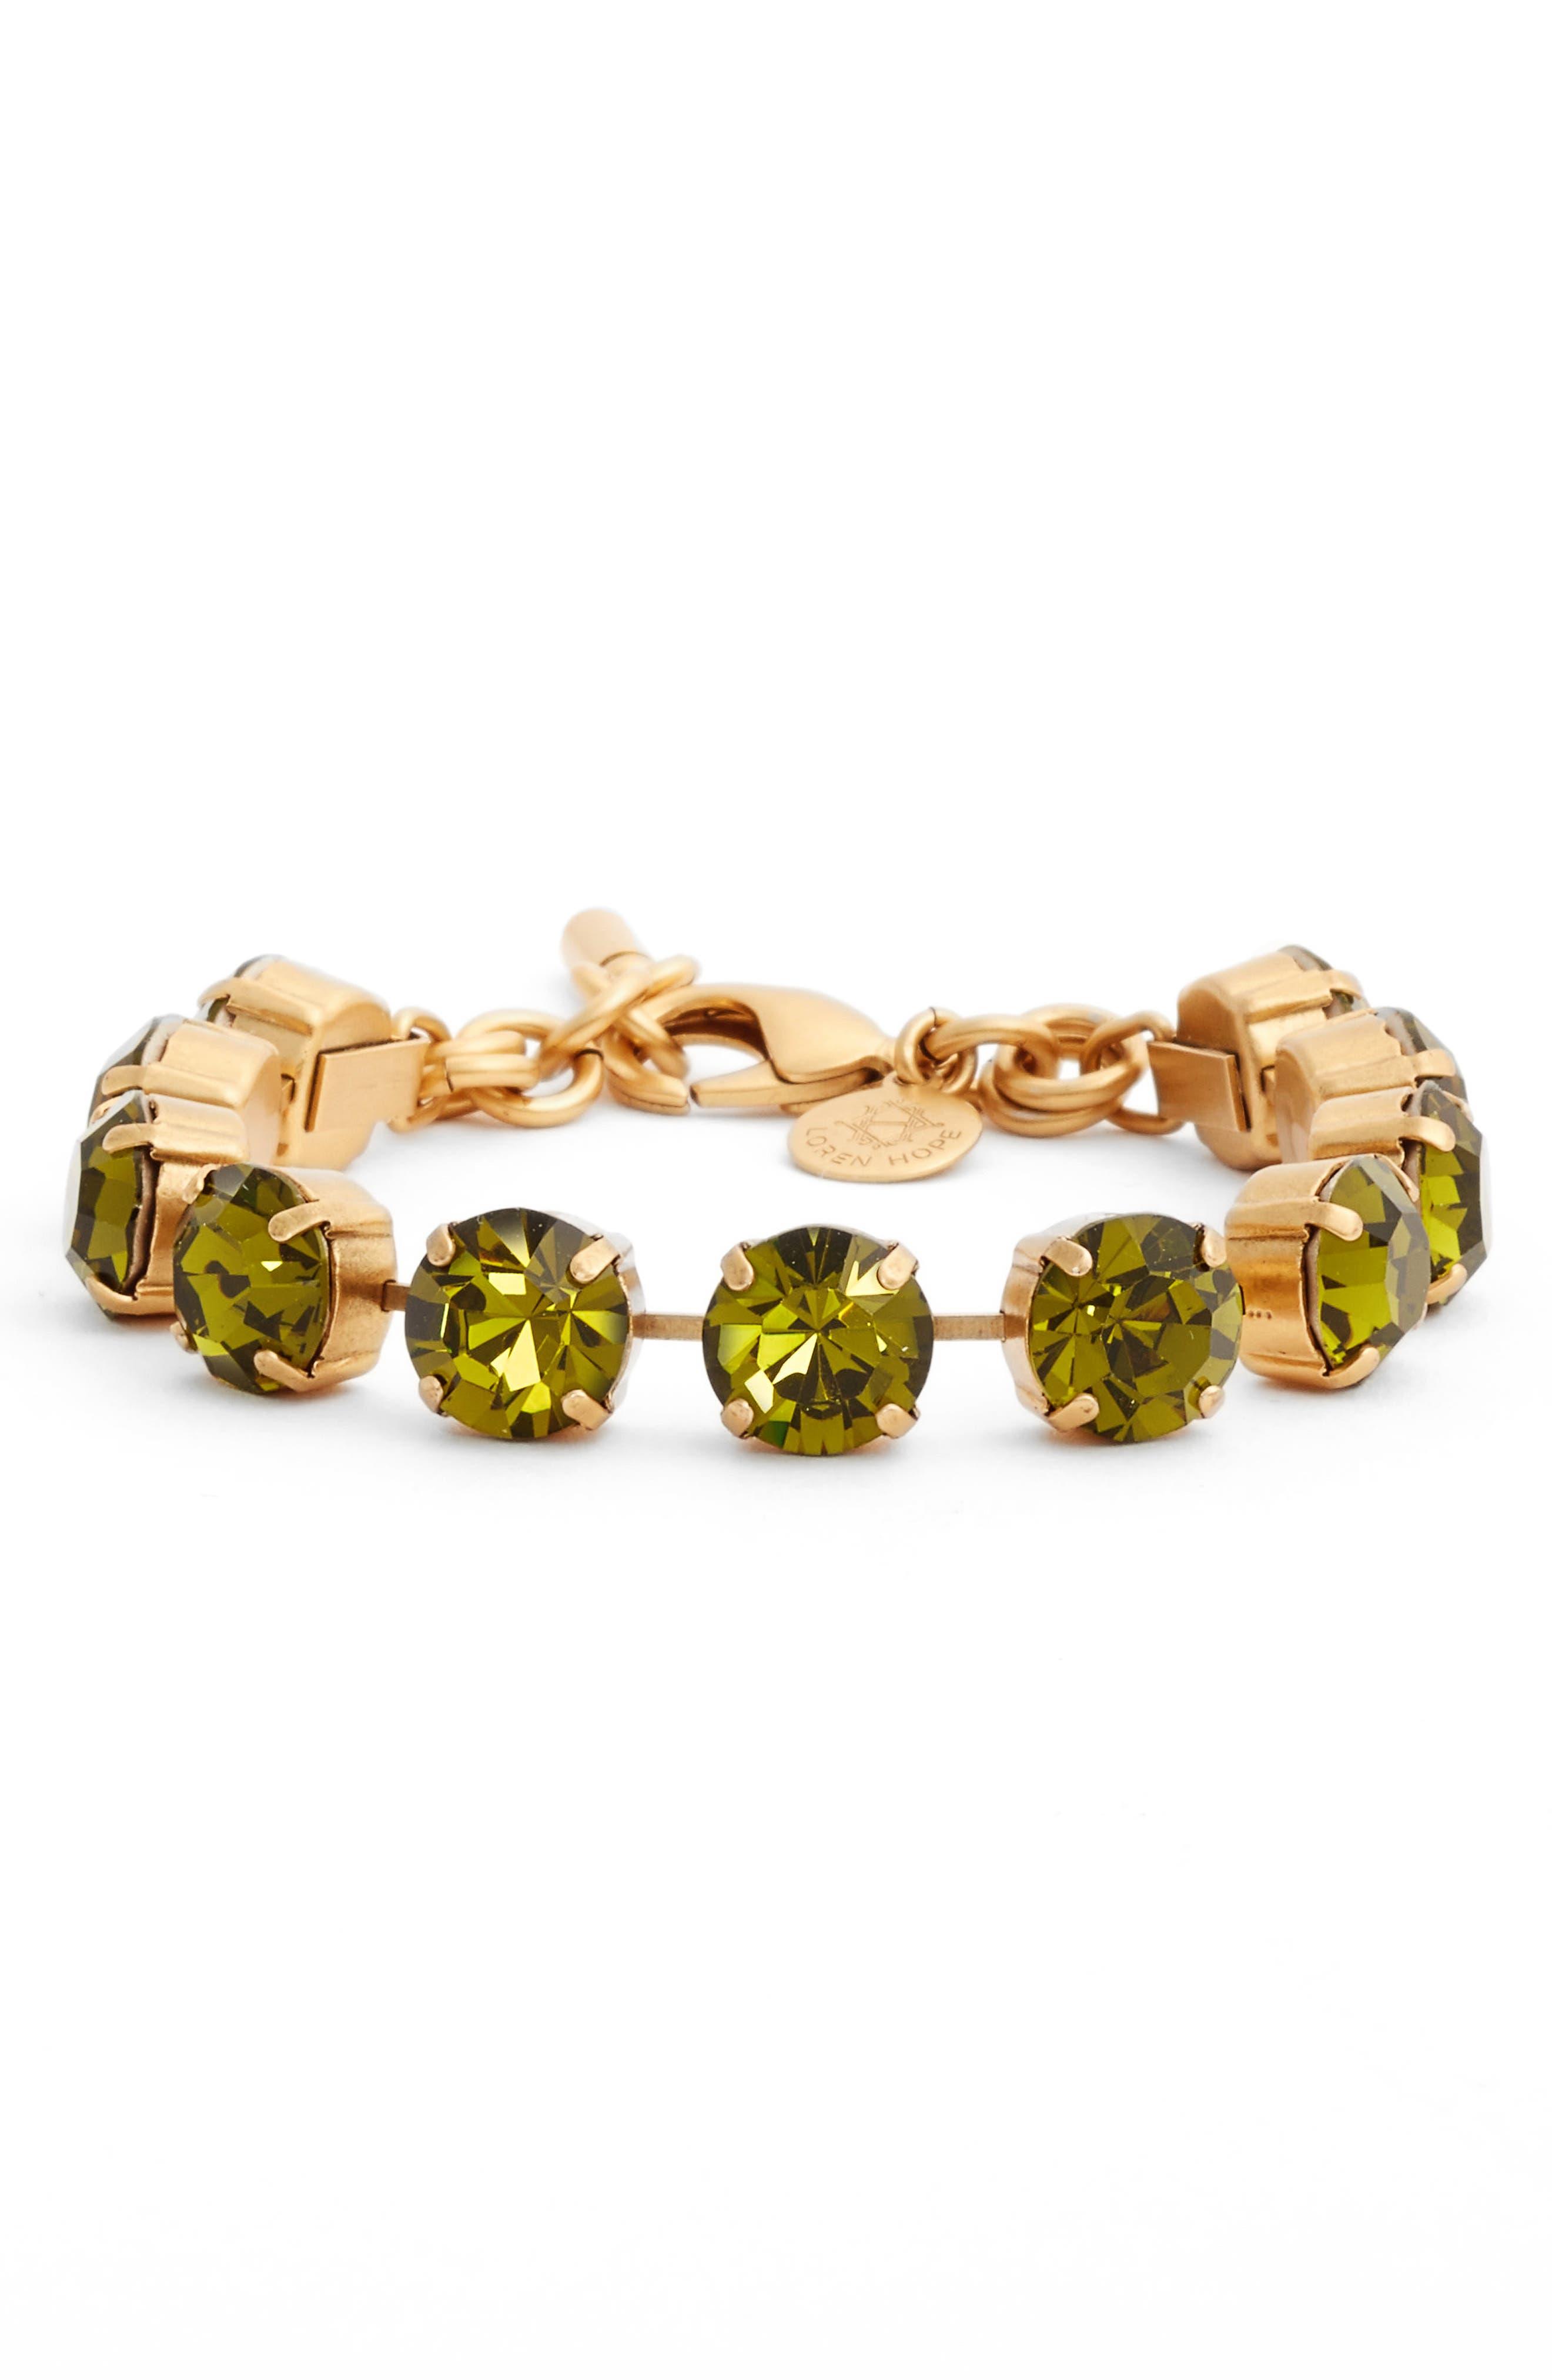 Loren Hope Kaylee Crystal Bracelet